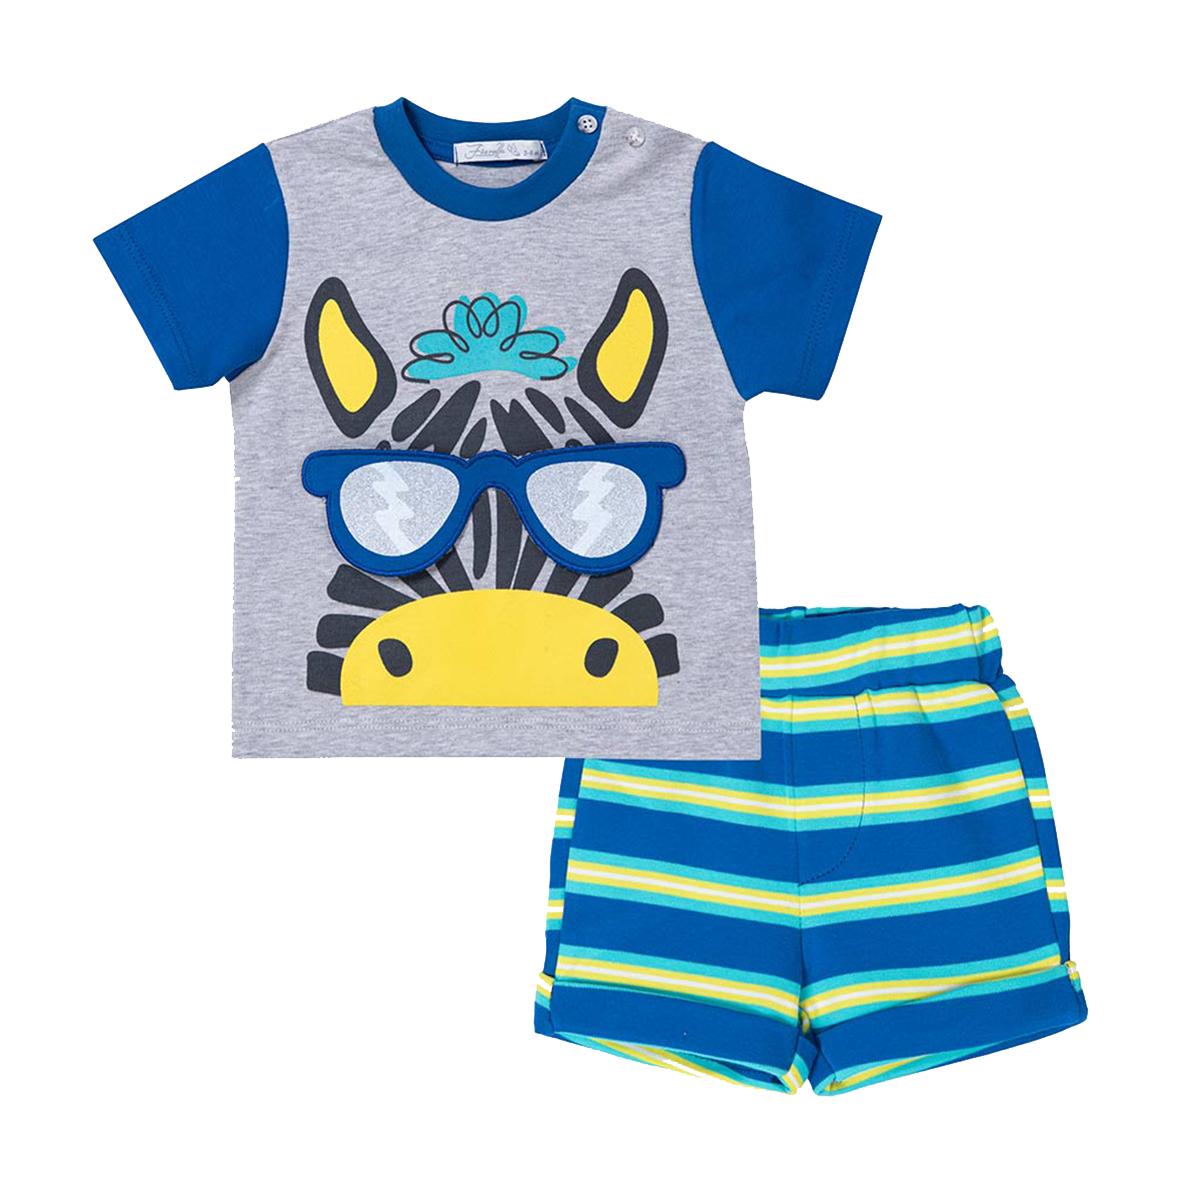 ست تی شرت و شلوارک نوزادی فیورلا مدل 21032